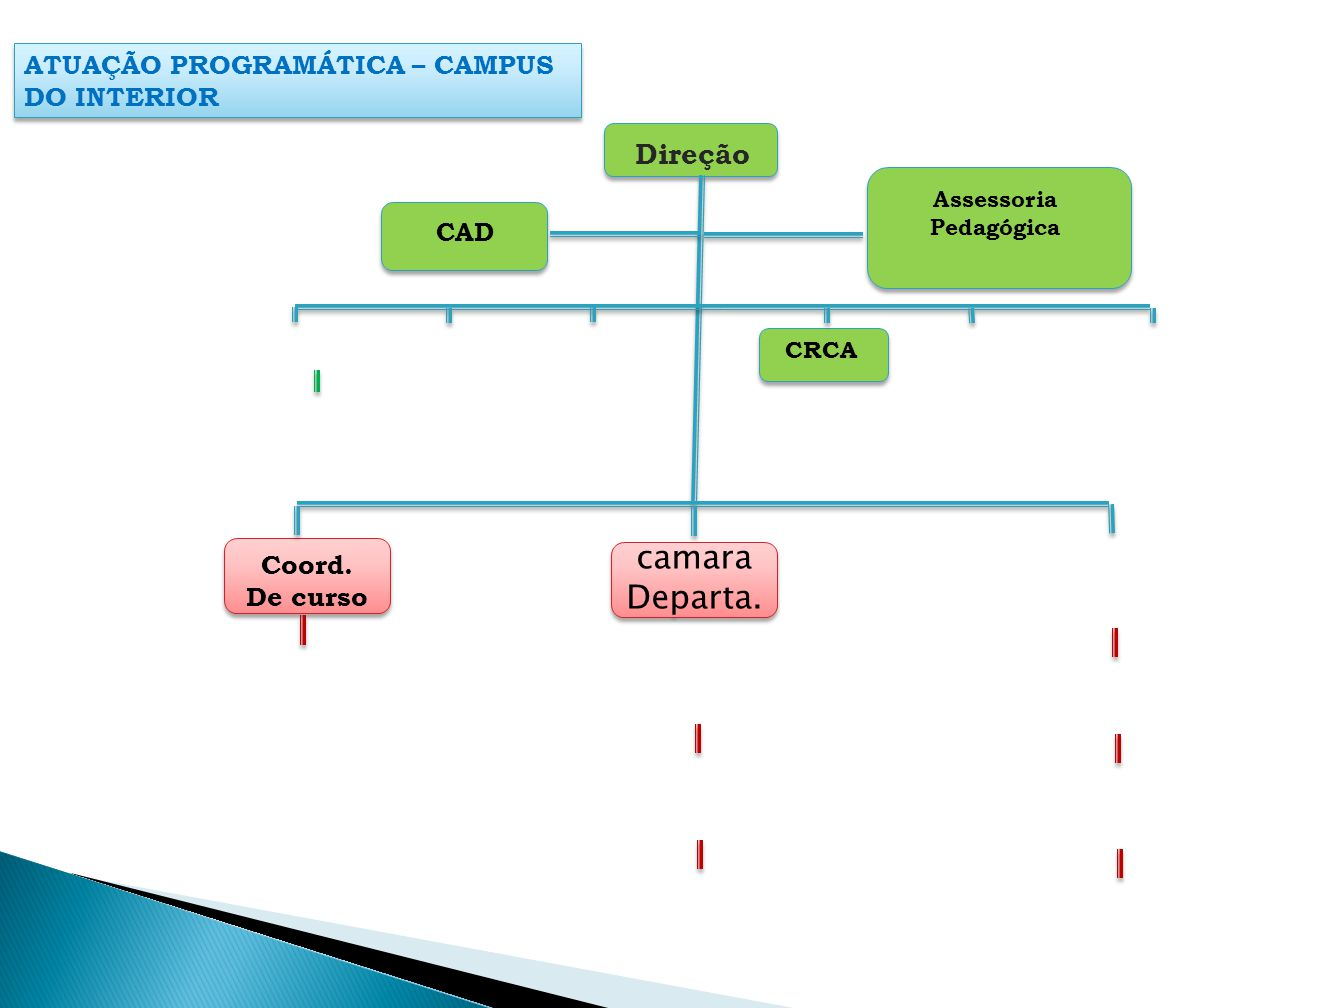 ATUAÇÃO PROGRAMÁTICA – CAMPUS DO INTERIOR CAD Assessoria Pedagógica CRCA Coord. De curso Direção camara Departa.